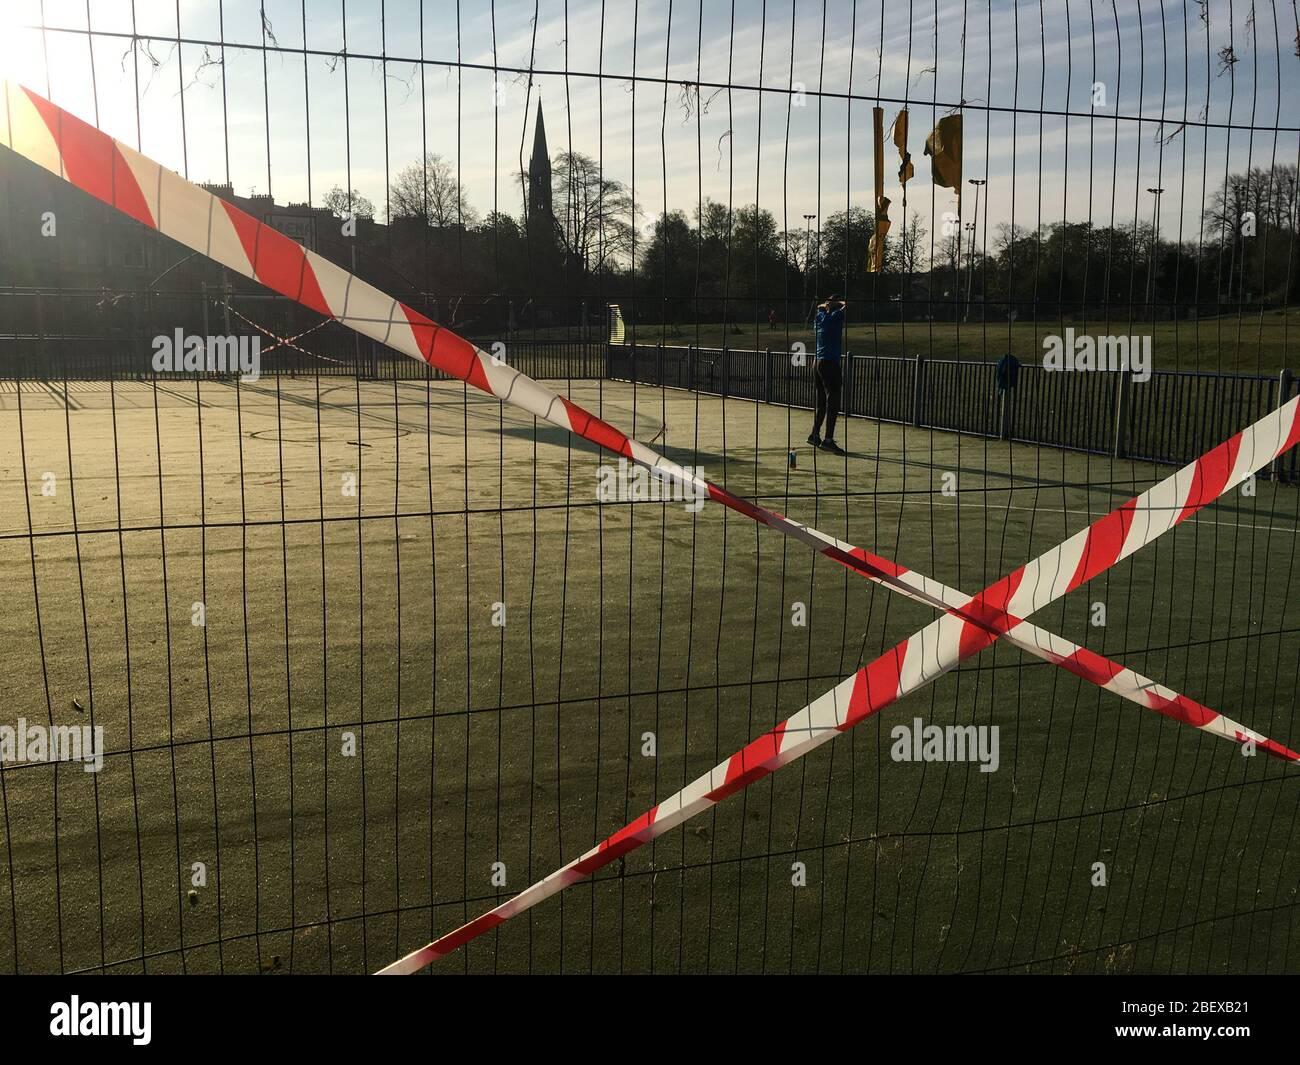 Glasgow, Reino Unido, 16 de abril de 2020. Un hombre hace ejercicios temprano por la mañana en Queen's Park, junto a cercas y cintas que muestran las restricciones en el campo de baloncesto/fútbol, para asegurar el distanciamiento social correcto del público y para prevenir reuniones de personas, durante la actual crisis de salud pandémica del Coronavirus COVID-19. Crédito de la foto: Sir-Hibbert/Alamy Live News. Foto de stock